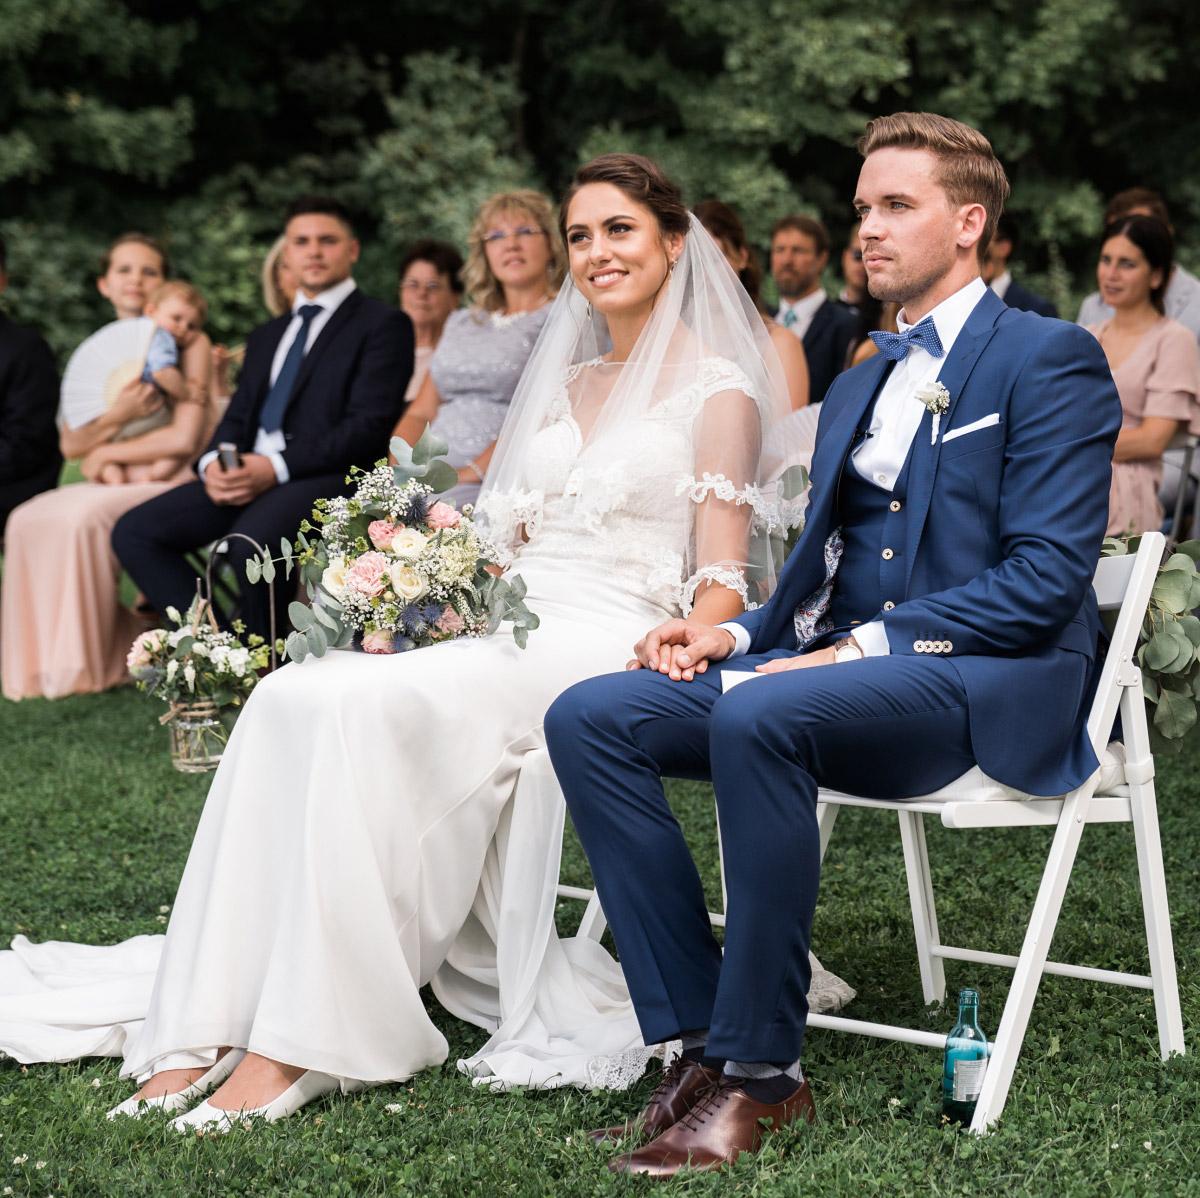 Braut und Bräutigam bei emotionaler freier Trauung - Villa Blumenfisch Hochzeitsfotograf © www.hochzeitslicht.de